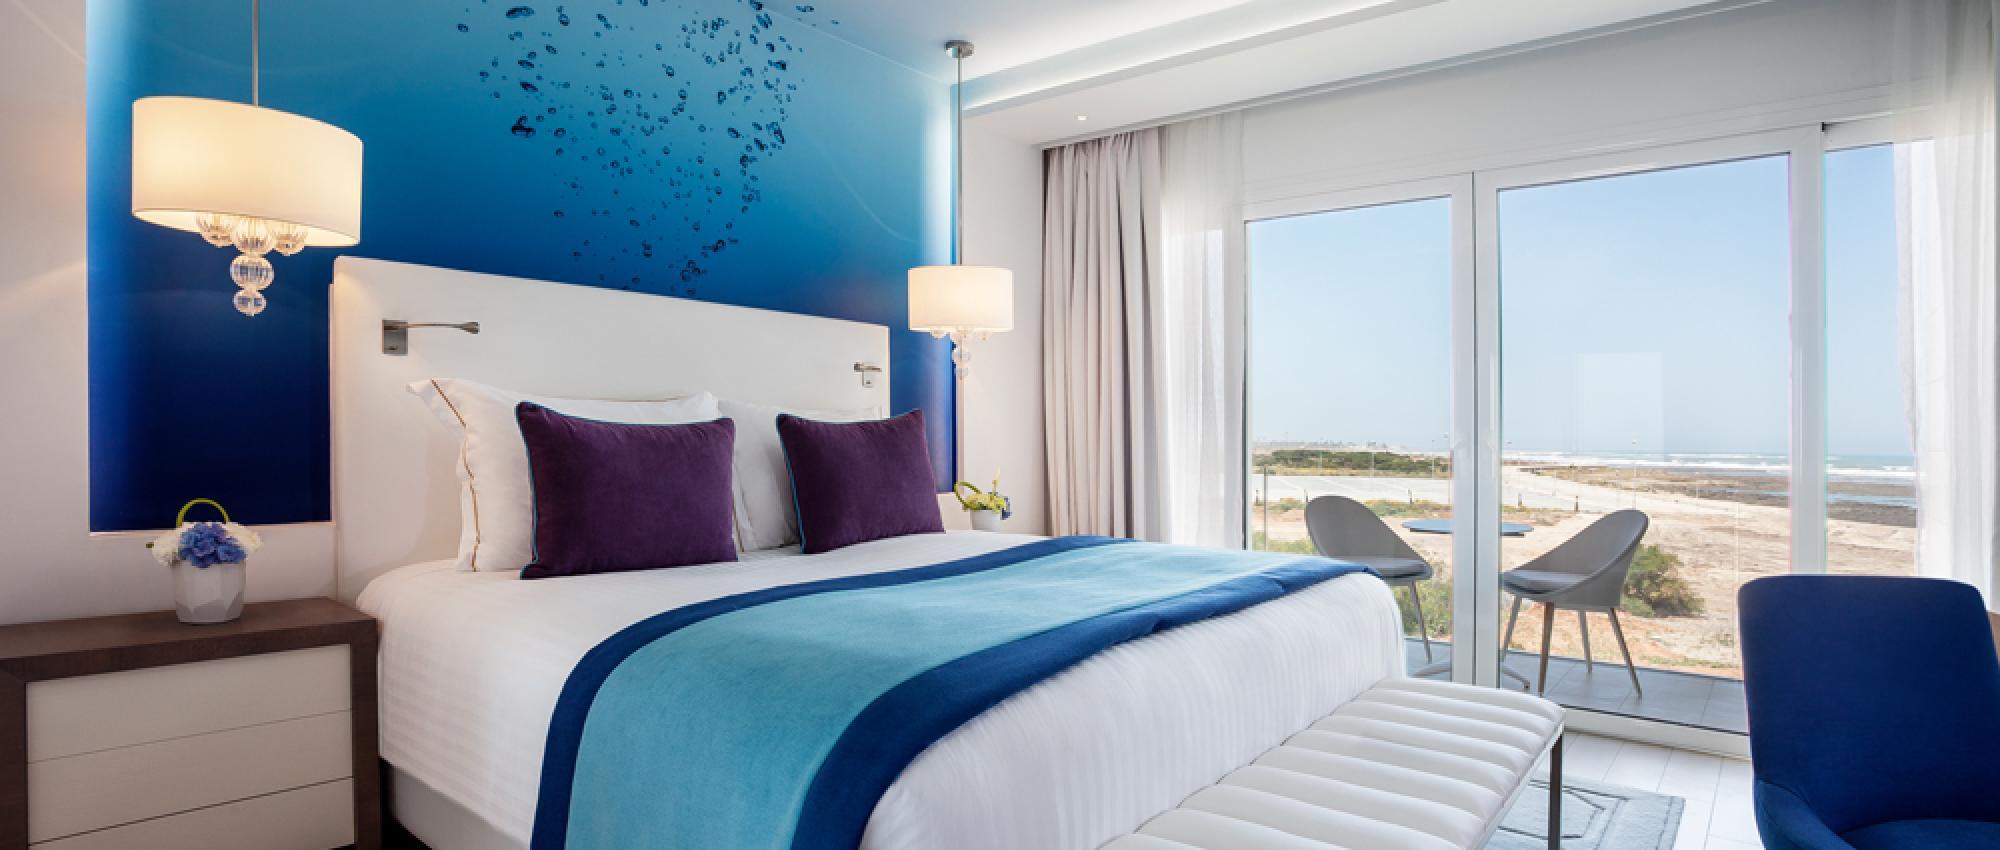 Suite Deluxe hôtel Casablanca